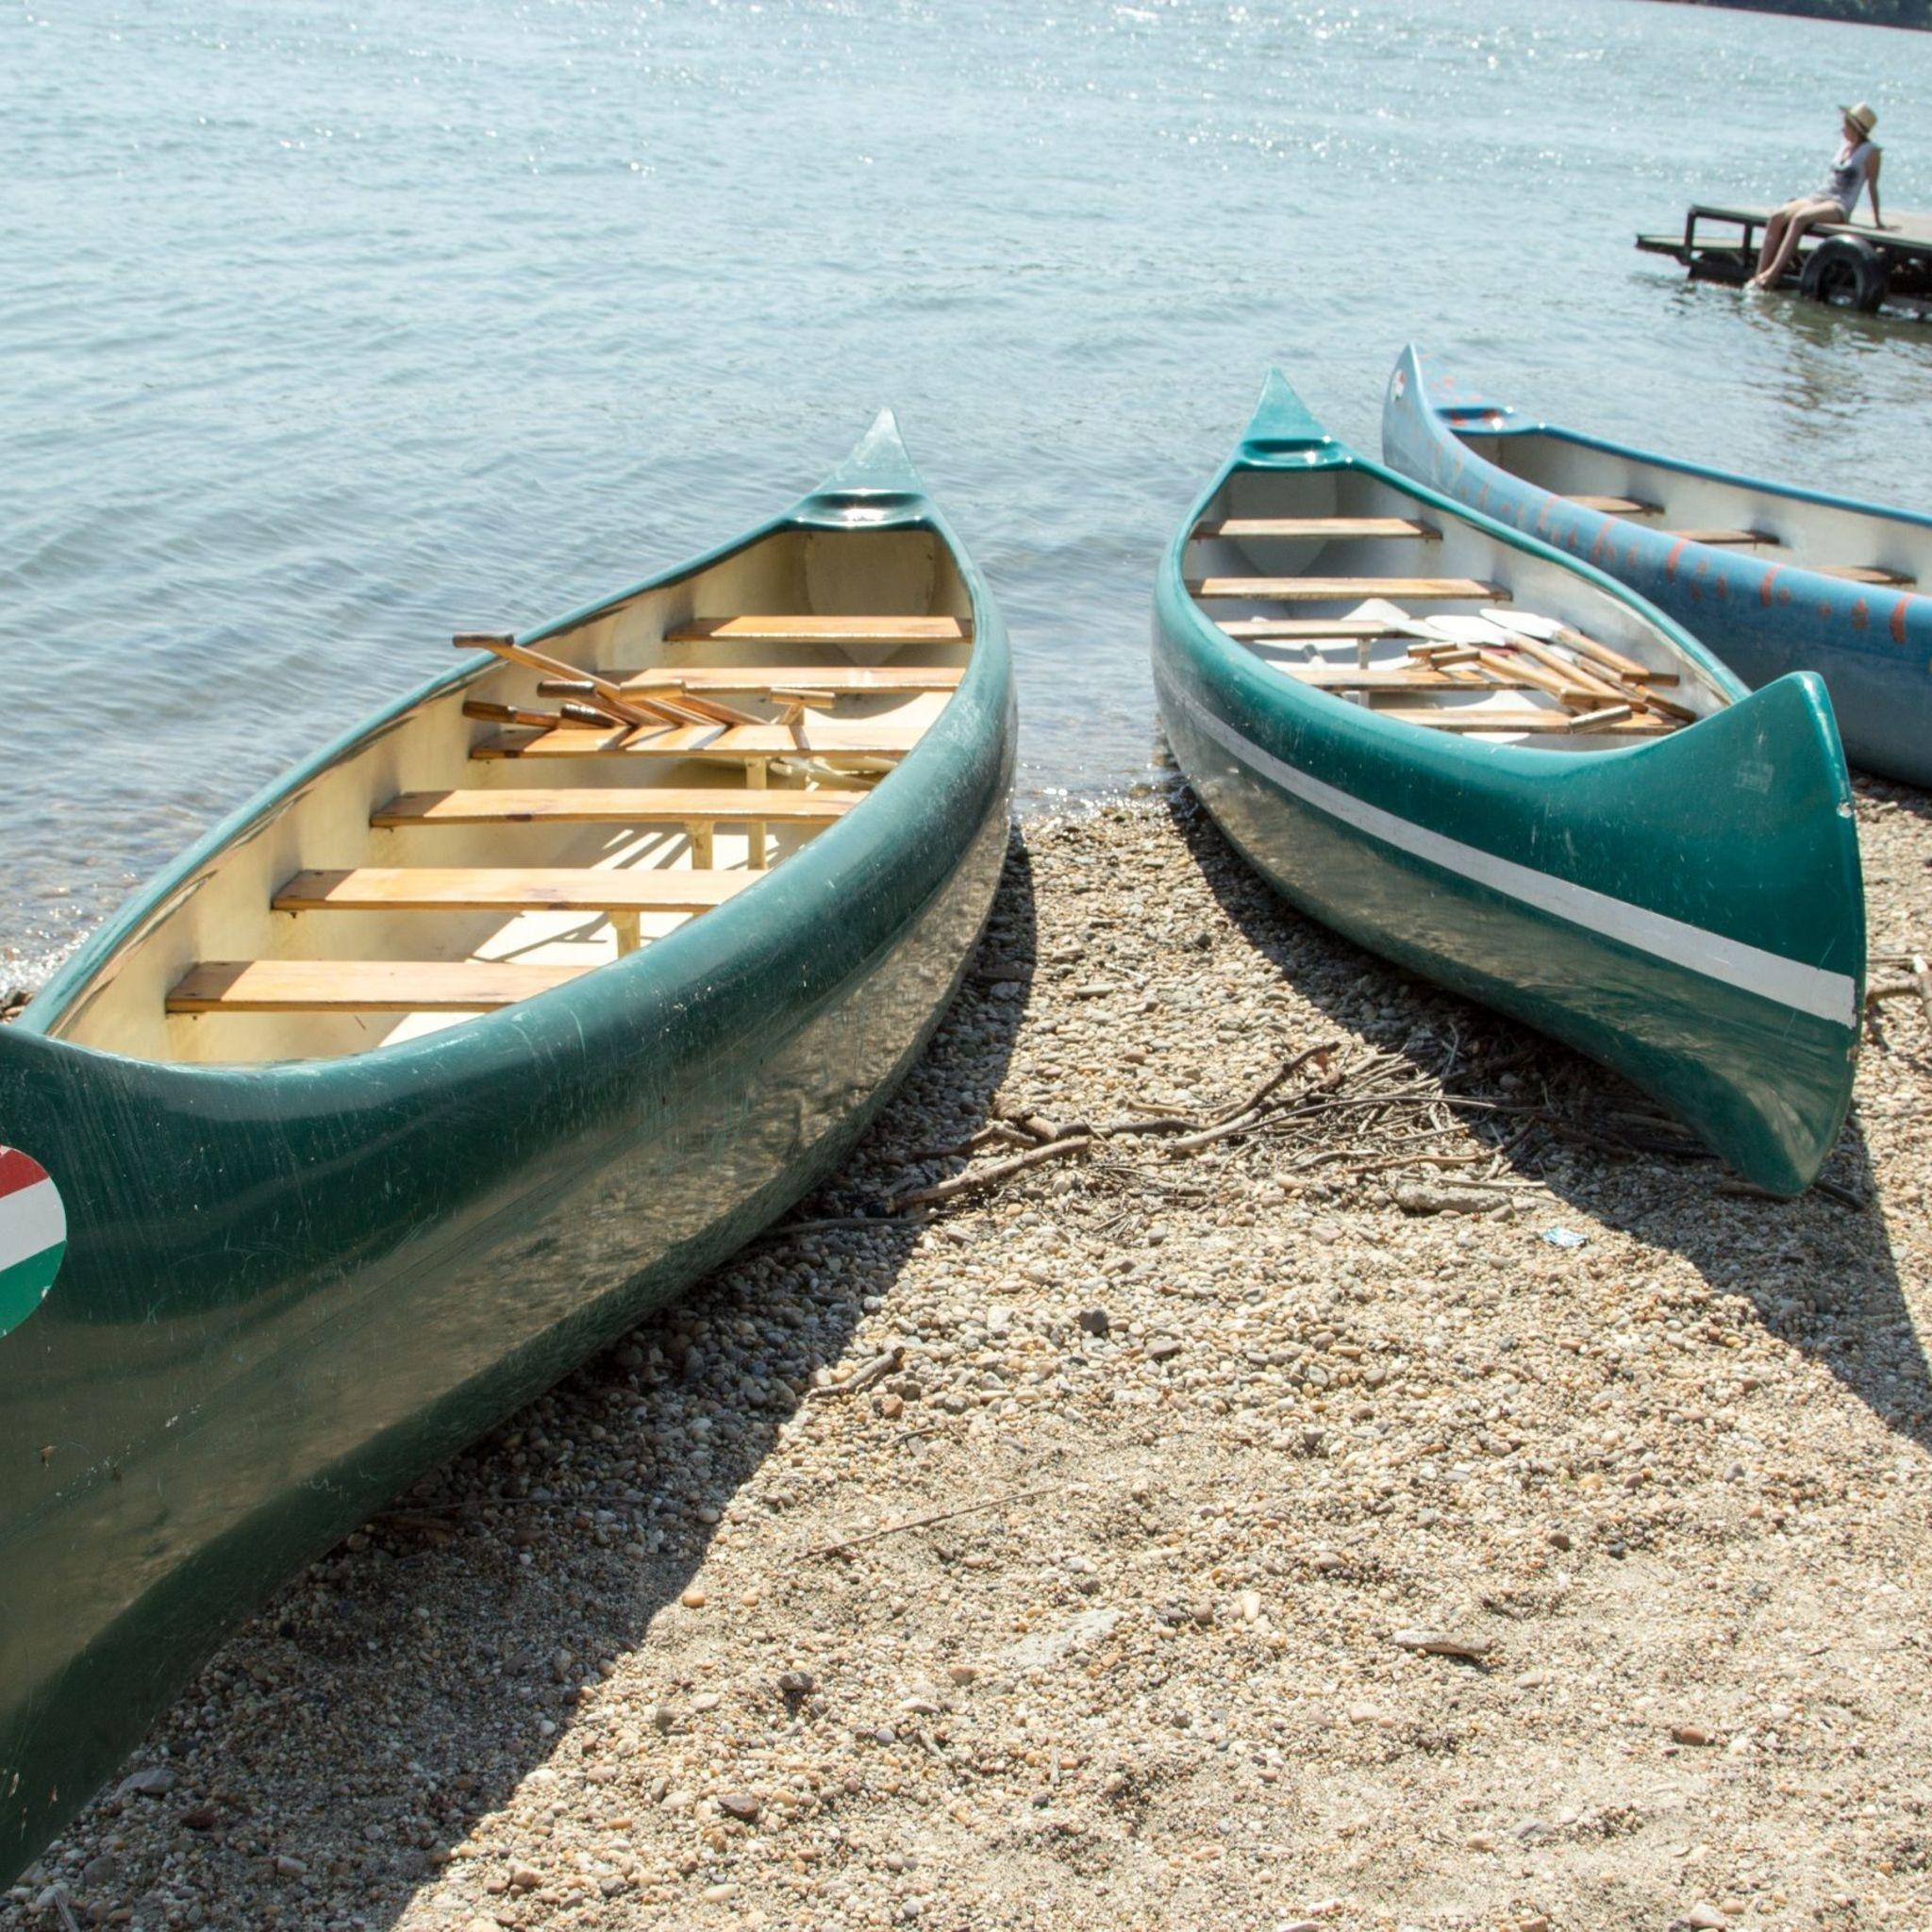 Aquamarina Boathotel & Rendezvényhajó Budapest - A közelben lévő csónakházak szeretettel várják a csónakázni vágyókat.